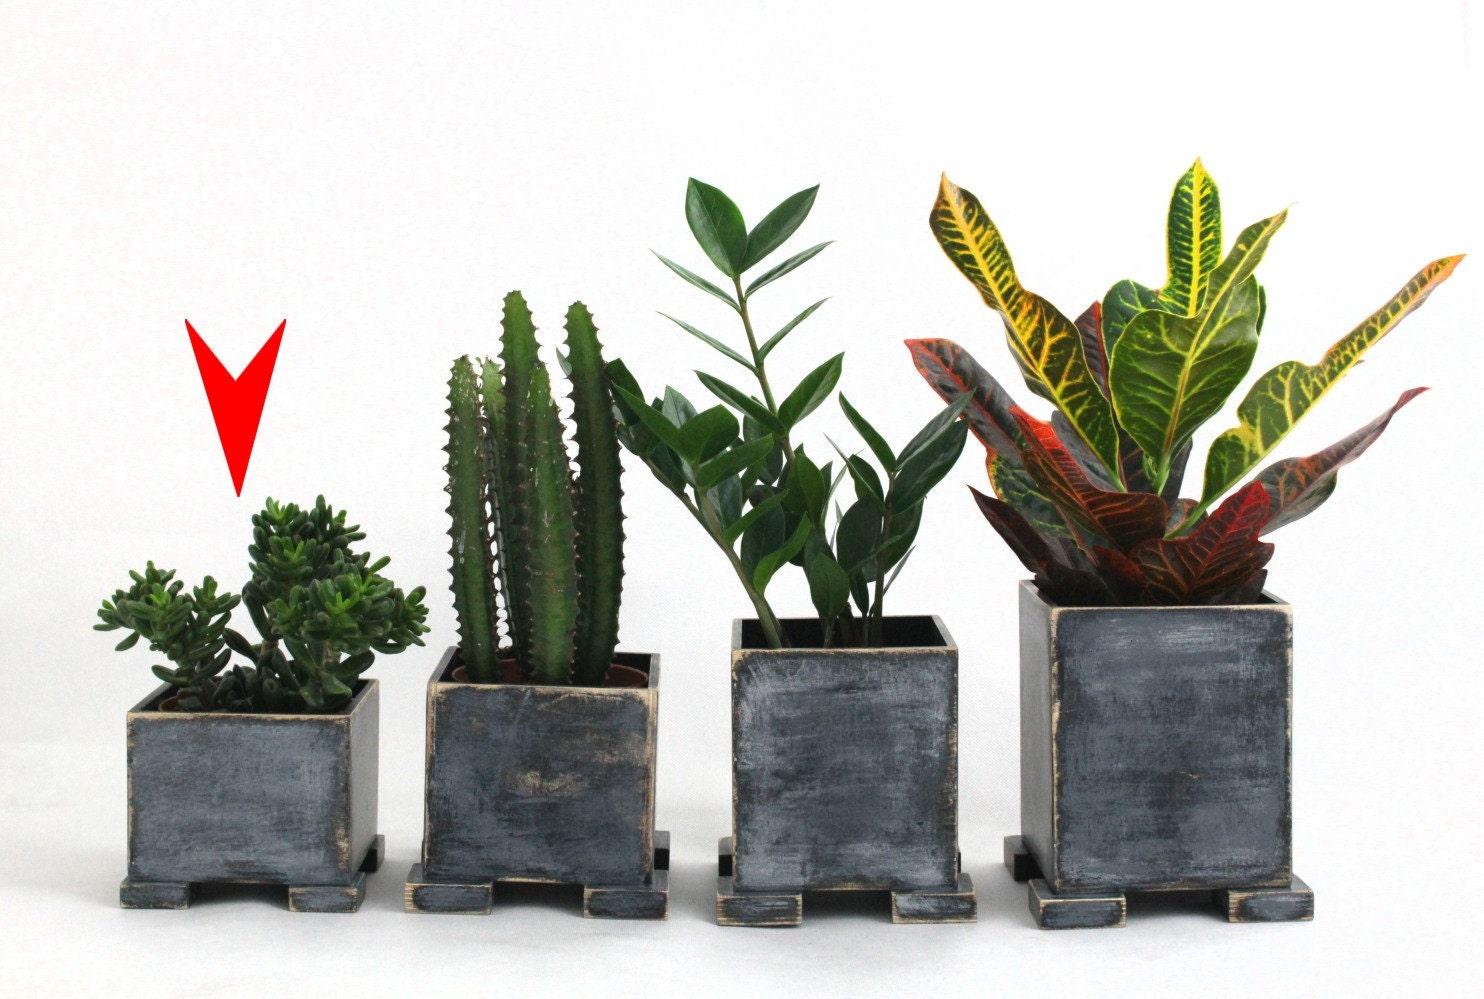 Wooden Herb Planter Windowsill Flowerpot Box For Herbs